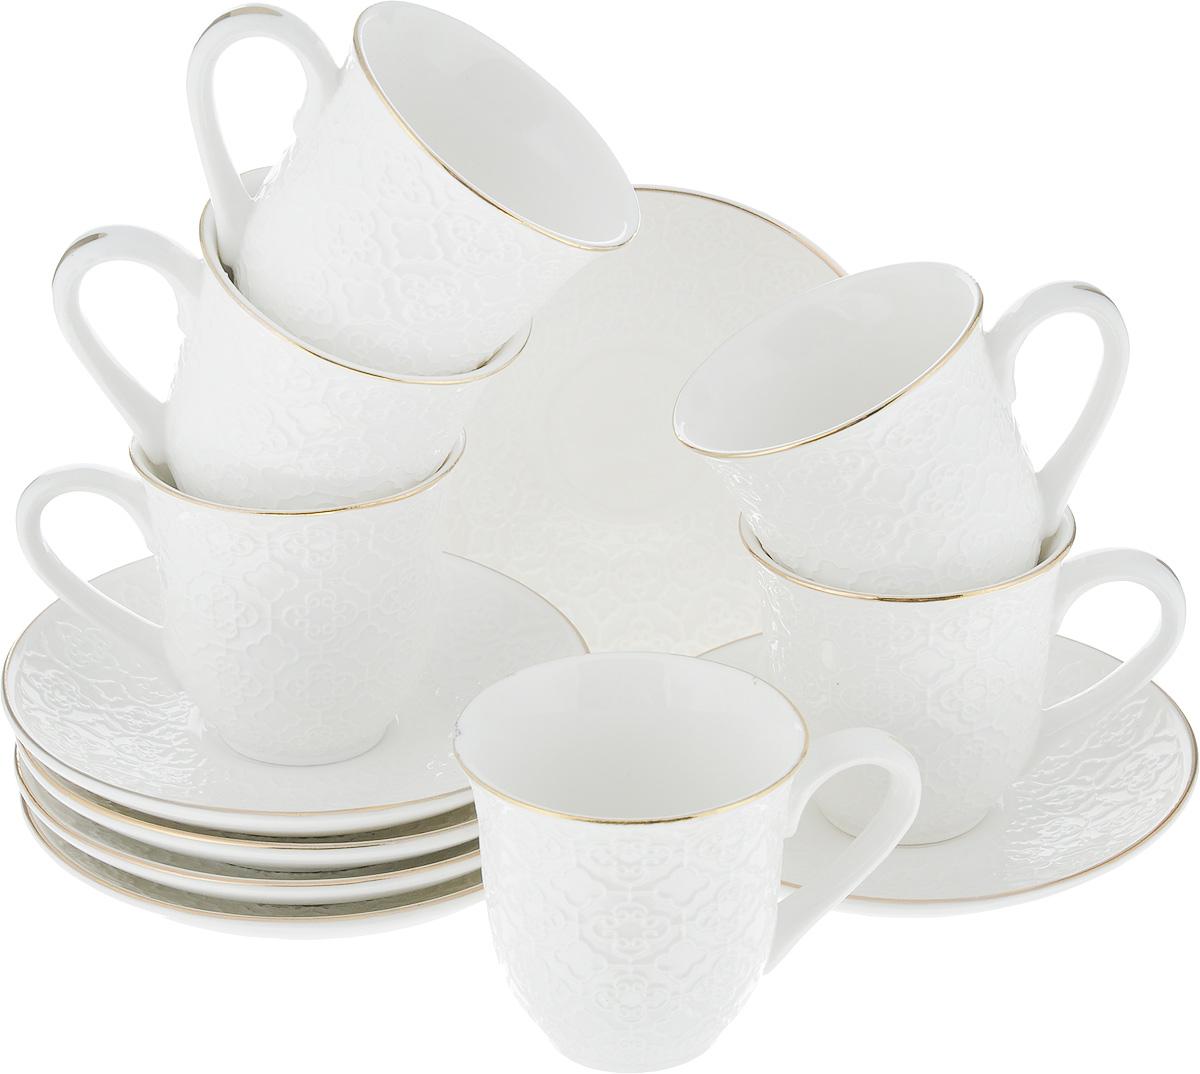 Набор кофейный Loraine, 12 предметов. 25769VT-1520(SR)Кофейный набор Loraine состоит из 6 чашек и 6 блюдец. Изделия выполнены из высококачественного костяного фарфора и оформлены золотистой каймой. Такой набор станет прекрасным украшением стола и порадует гостей изысканным дизайном и утонченностью. Набор упакован в подарочную коробку, задрапированную внутри белой атласной тканью. Каждый предмет надежно зафиксирован внутри коробки. Кофейный набор Loraine идеально впишется в любой интерьер, а также станет идеальным подарком для ваших родных и близких. Объем чашки: 90 мл. Диаметр чашки (по верхнему краю): 6,2 см. Высота чашки: 6 см. Диаметр блюдца (по верхнему краю): 11,2 см. Высота блюдца: 2 см.